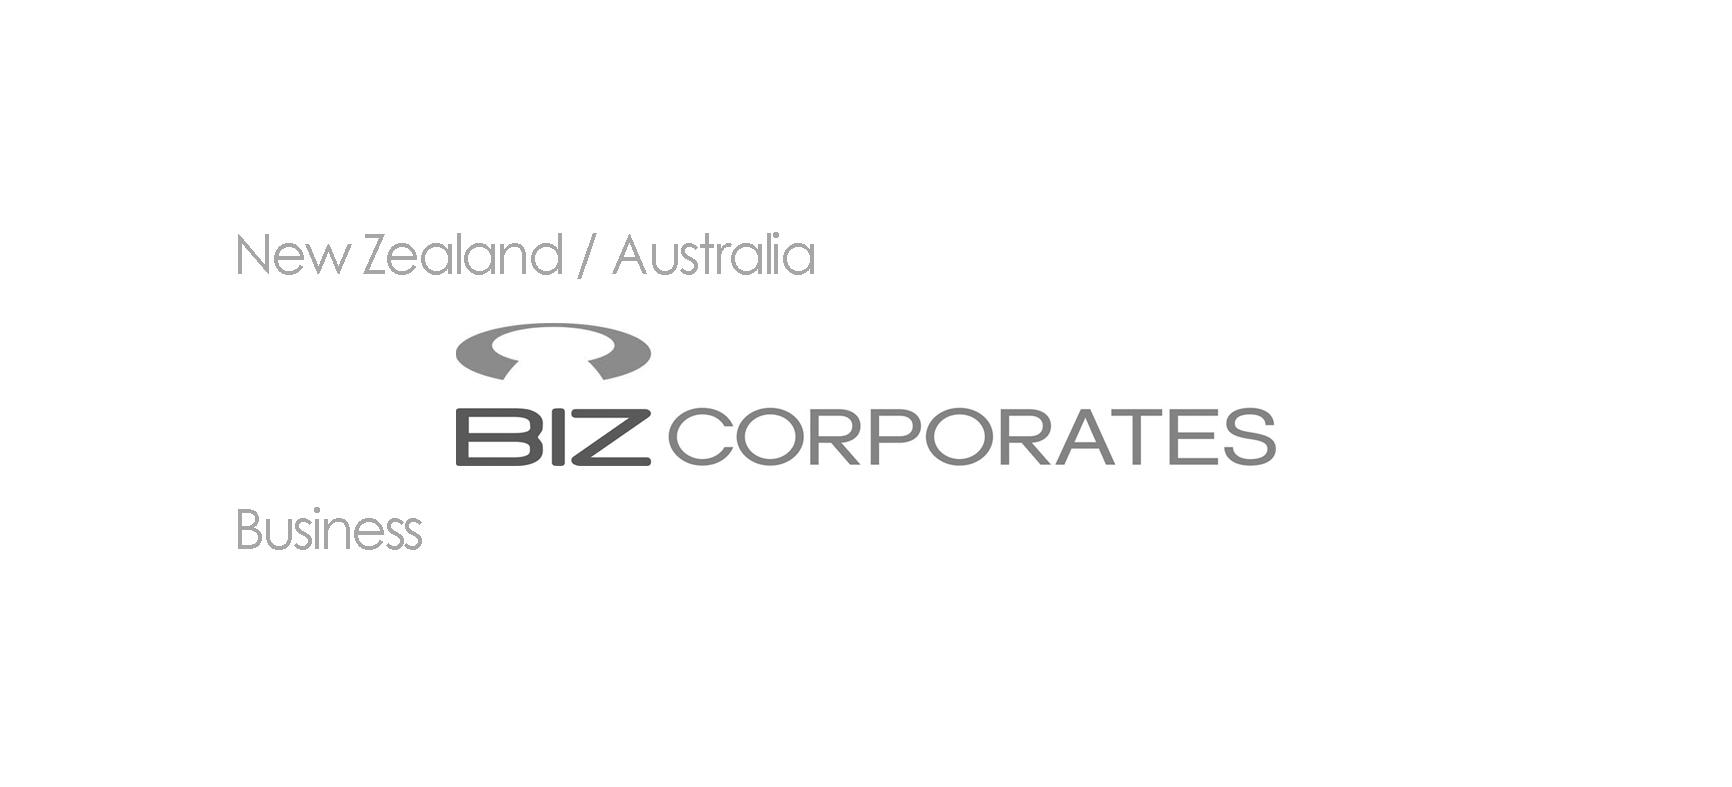 5 Biz corporates-1.jpg